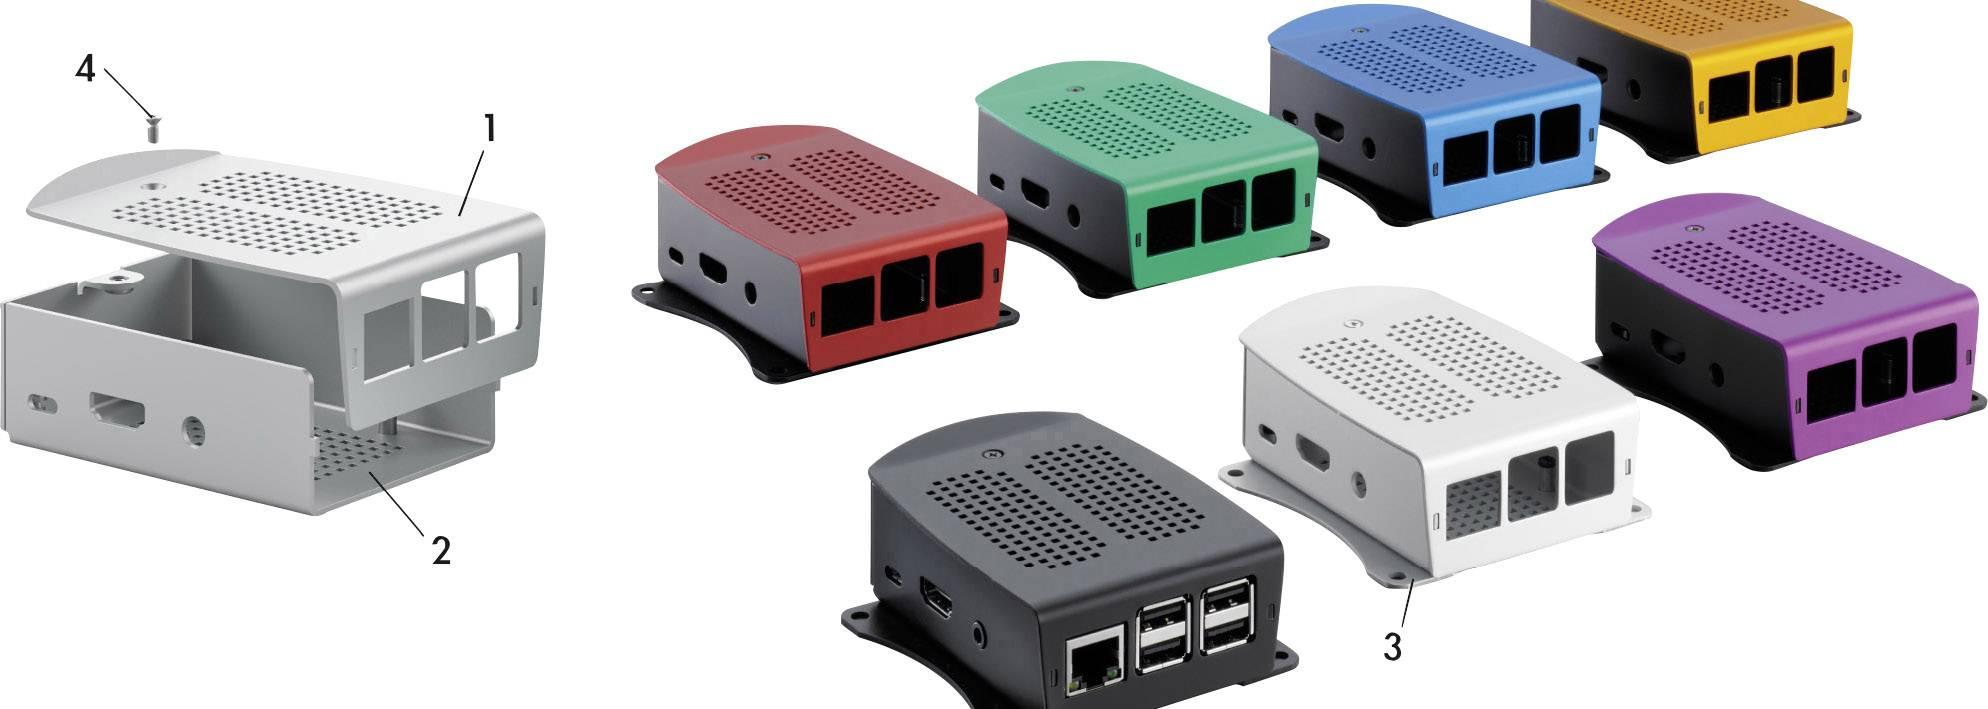 Kryt pro Raspberry Pi® Fischer Elektronik 10132679, přírodní